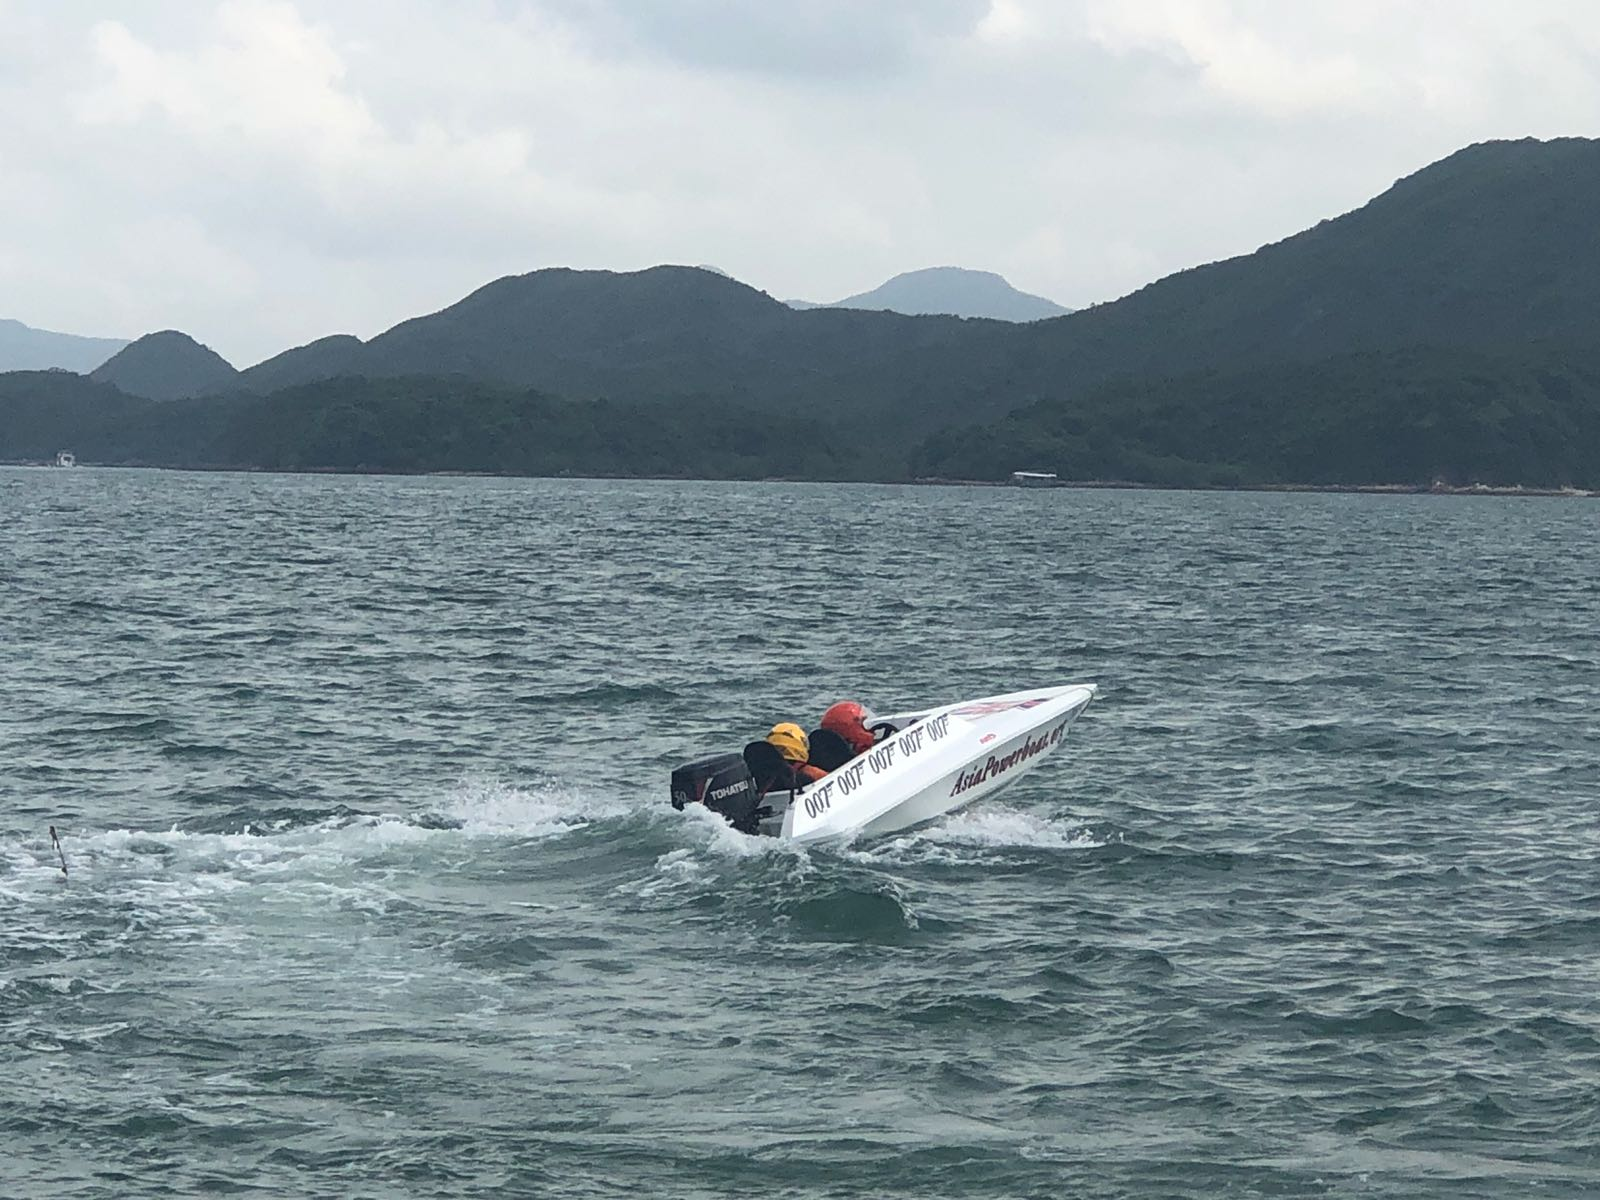 Powerboat極具「速度感和刺激感」,時速最高可達50海里,相等車速約90公里。鄺沛同攝